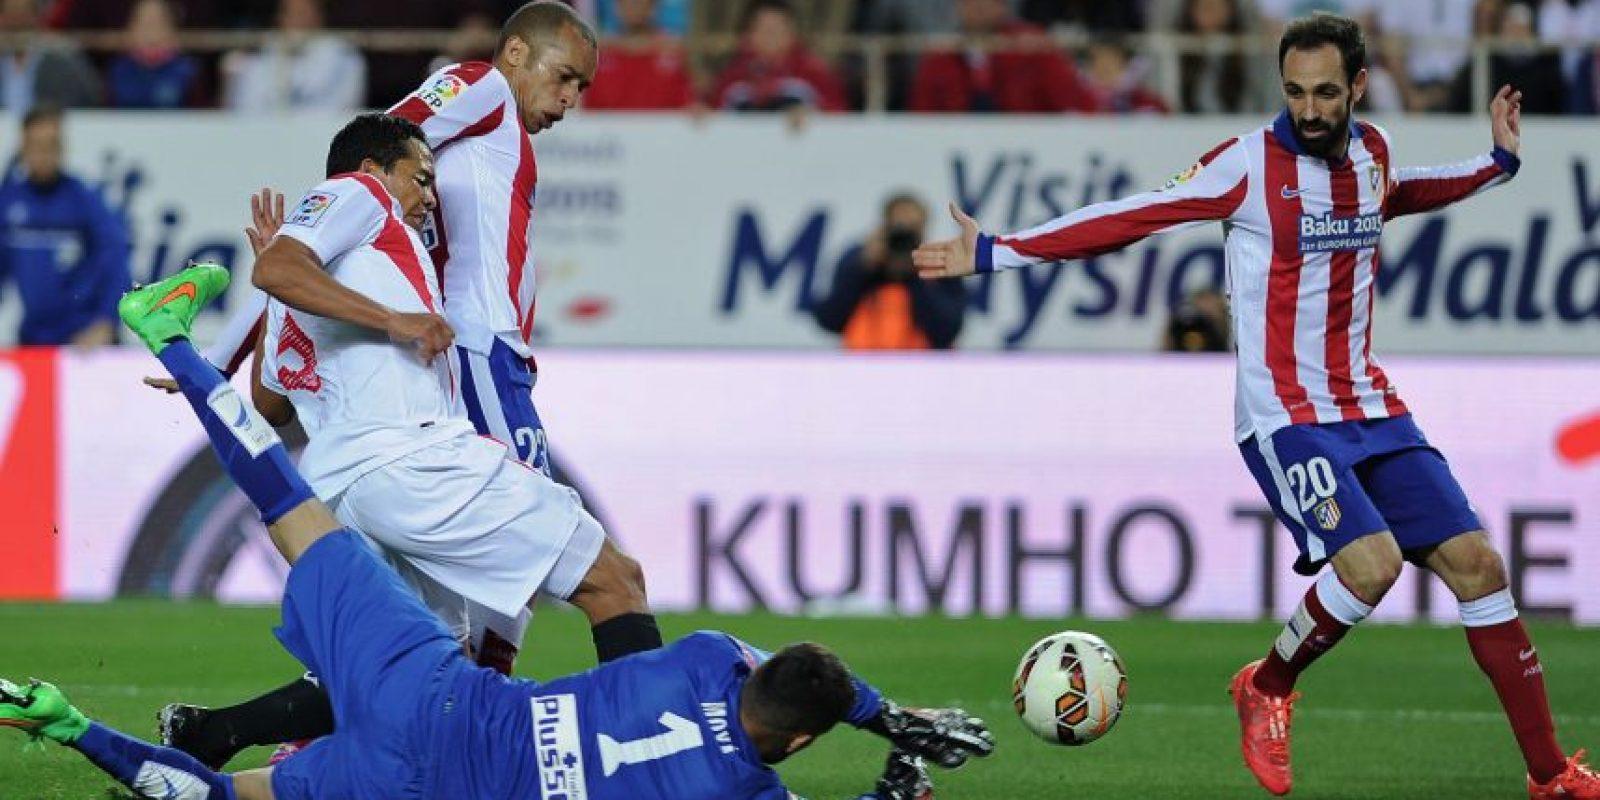 Juanfran busca la pelota en un juego de la Liga. Foto:AFP